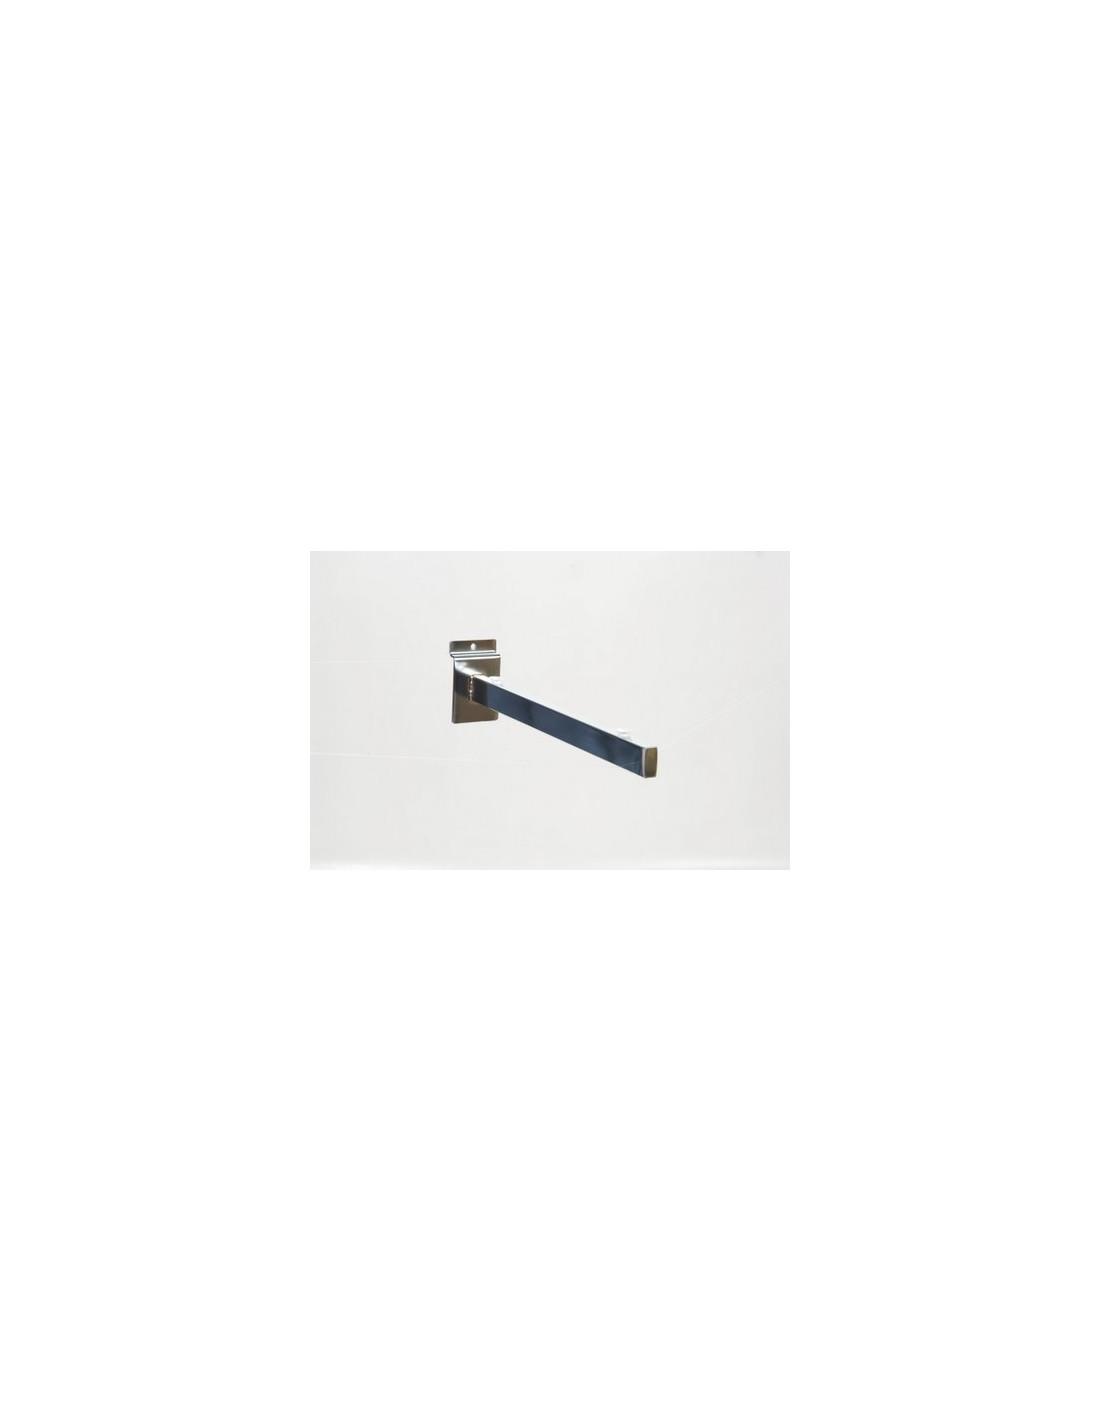 Heavy Duty Slatwall Brackets For Slatwall Glass Shelves